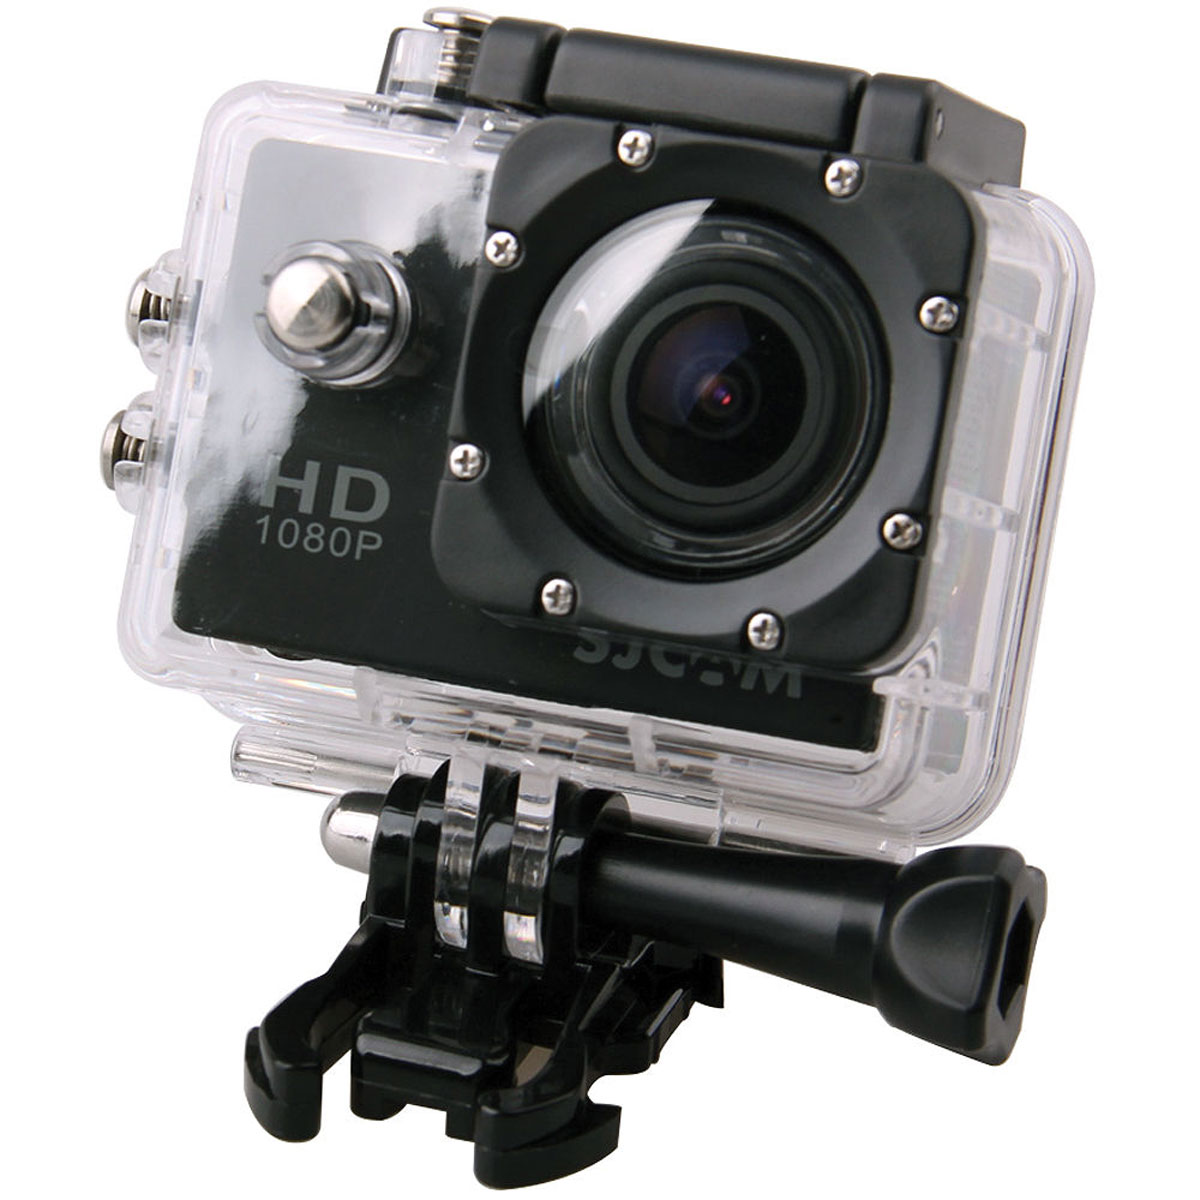 SJCAM SJ4000, Black экшн-камераSJ4000BlackSJCAM SJ4000 - это недорогой и качественный аналог GoPro. С ее помощью можно снимать экстремальные события, закрепив камеру в удобном месте. Вы также можете делать впечатляющие съёмки под водой на глубине до 30 метров благодаря водонепроницаемому боксу в комплекте.Благодаря режиму цейтаоферной съёмки камера SJCAM может сжимать многочасовые события (например, расцветающую розу) до нескольких секунд. Теперь восход солнца после съёмки произойдёт прямо на глазах ваших друзей! SJCAM SJ4000 может быть использована в качестве видеорегистратора благодаря возможности циклической записи. Для этого разместите её на стекле автомобиля с помощью специального крепления и нажмите на кнопку записи.Данную модель можно использовать и в качестве Full HD веб-камеры. Всё, что необходимо сделать - это подключить SJCAM к компьютеру через кабель USB и запустить Skype.Камера SJ4000 подойдёт практически для любых видов спорта. В комплекте вы найдёте крепления на велосипед, на шлем, липучки и ремни, позволяющие закрепить камеру на любые поверхности.Процессор: Novatek NT96650Дисплей: LCD, 1,5 (4:3)Емкость аккумулятора: 900 мАчВремя автономной работы: до 80 минут